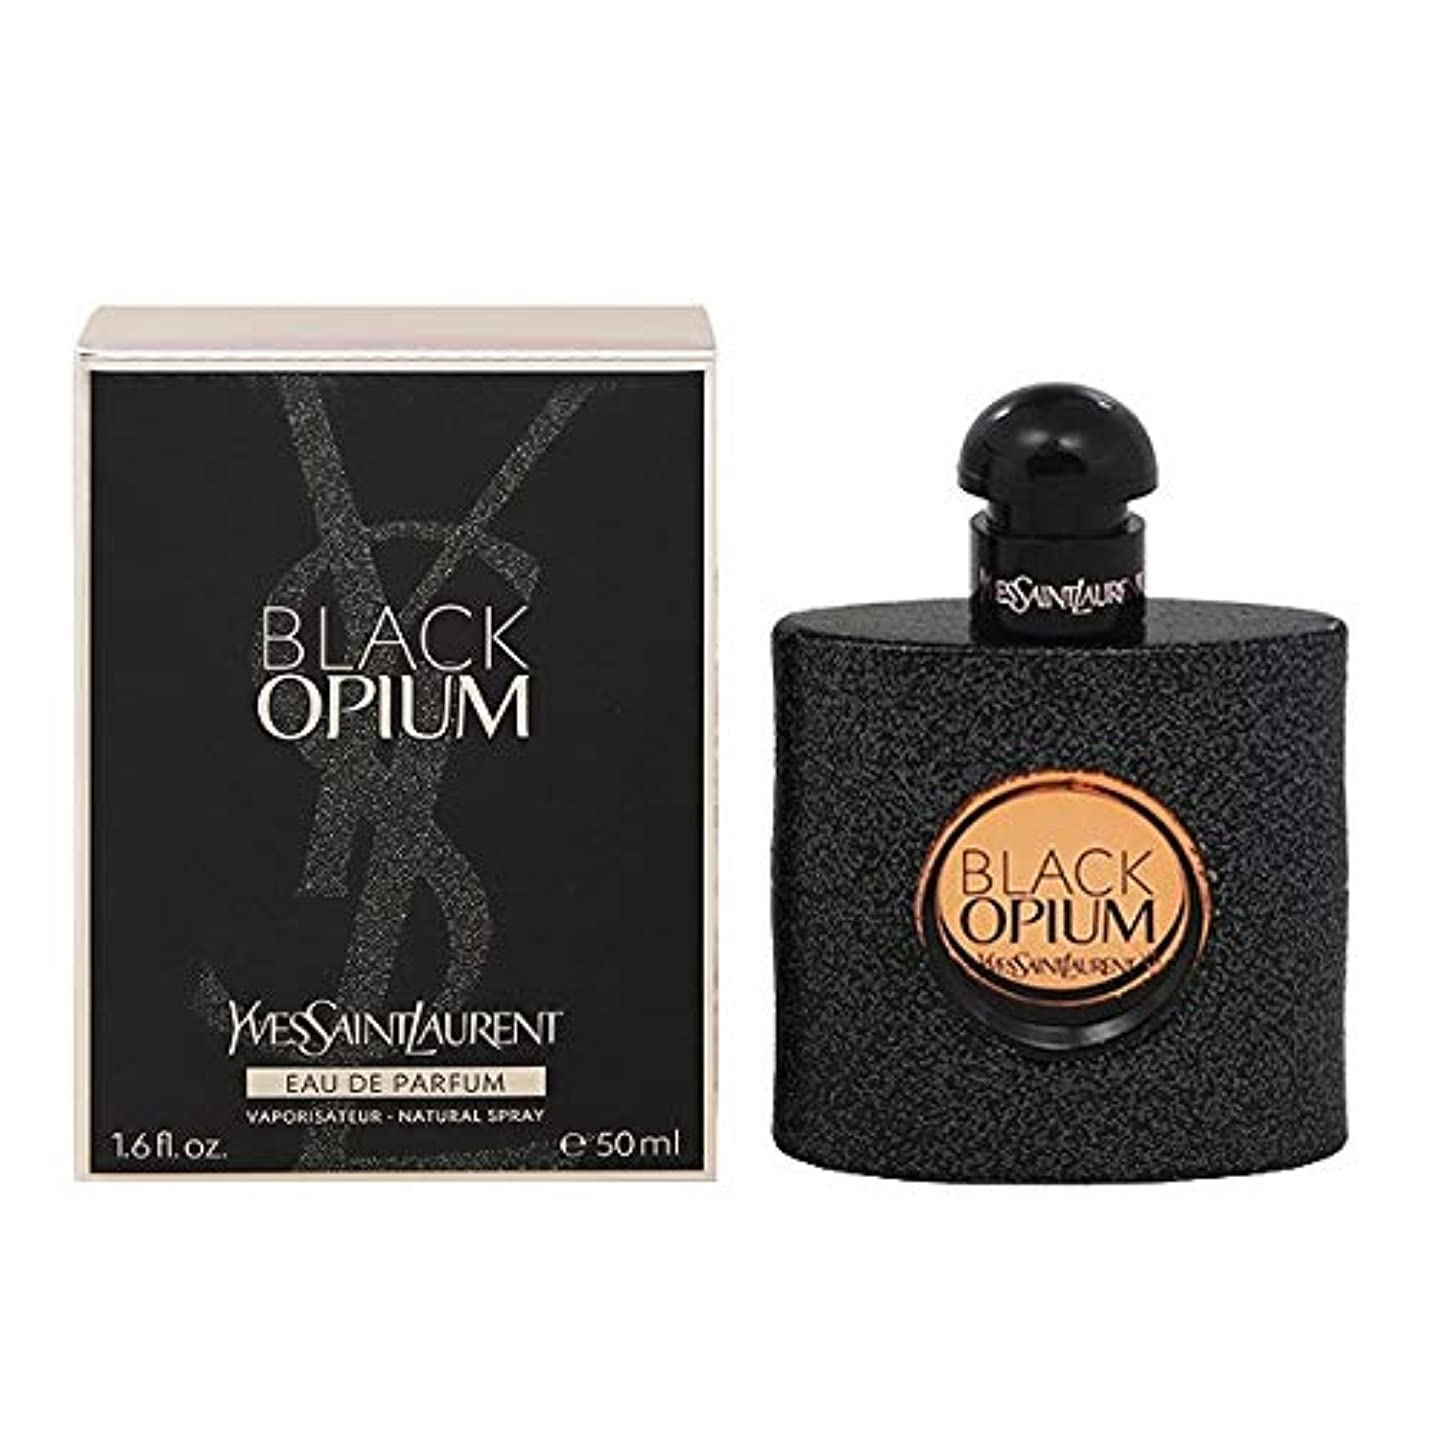 イヴサンローラン(Yves Saint Laurent) ブラック オピウム EDP SP 50ml[並行輸入品]